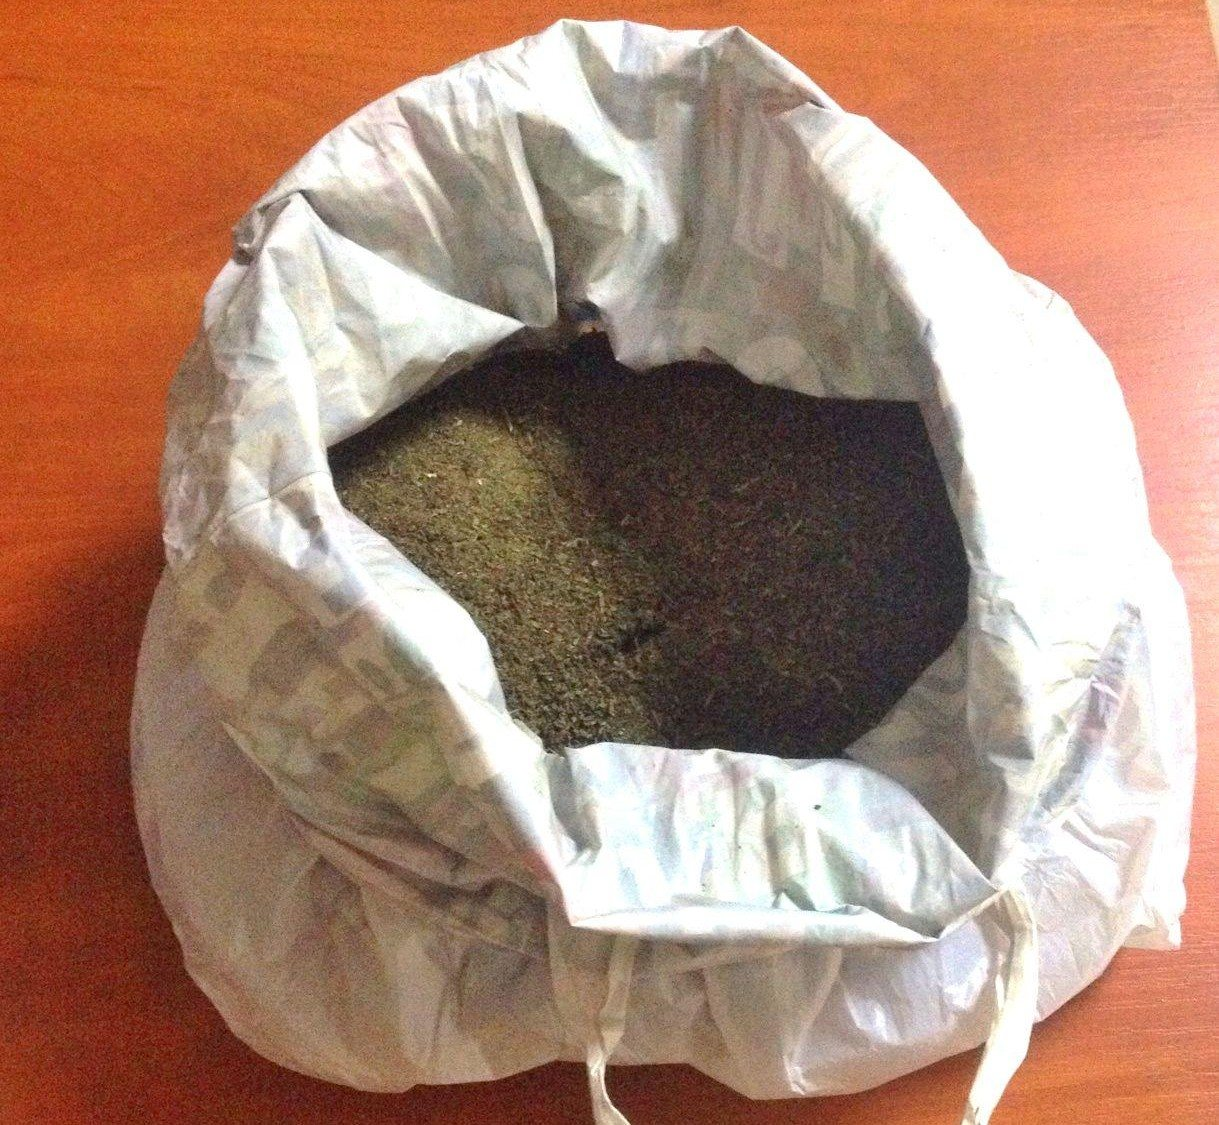 Полицейские изъяли у жителя Херсонщины более килограмма марихуаны